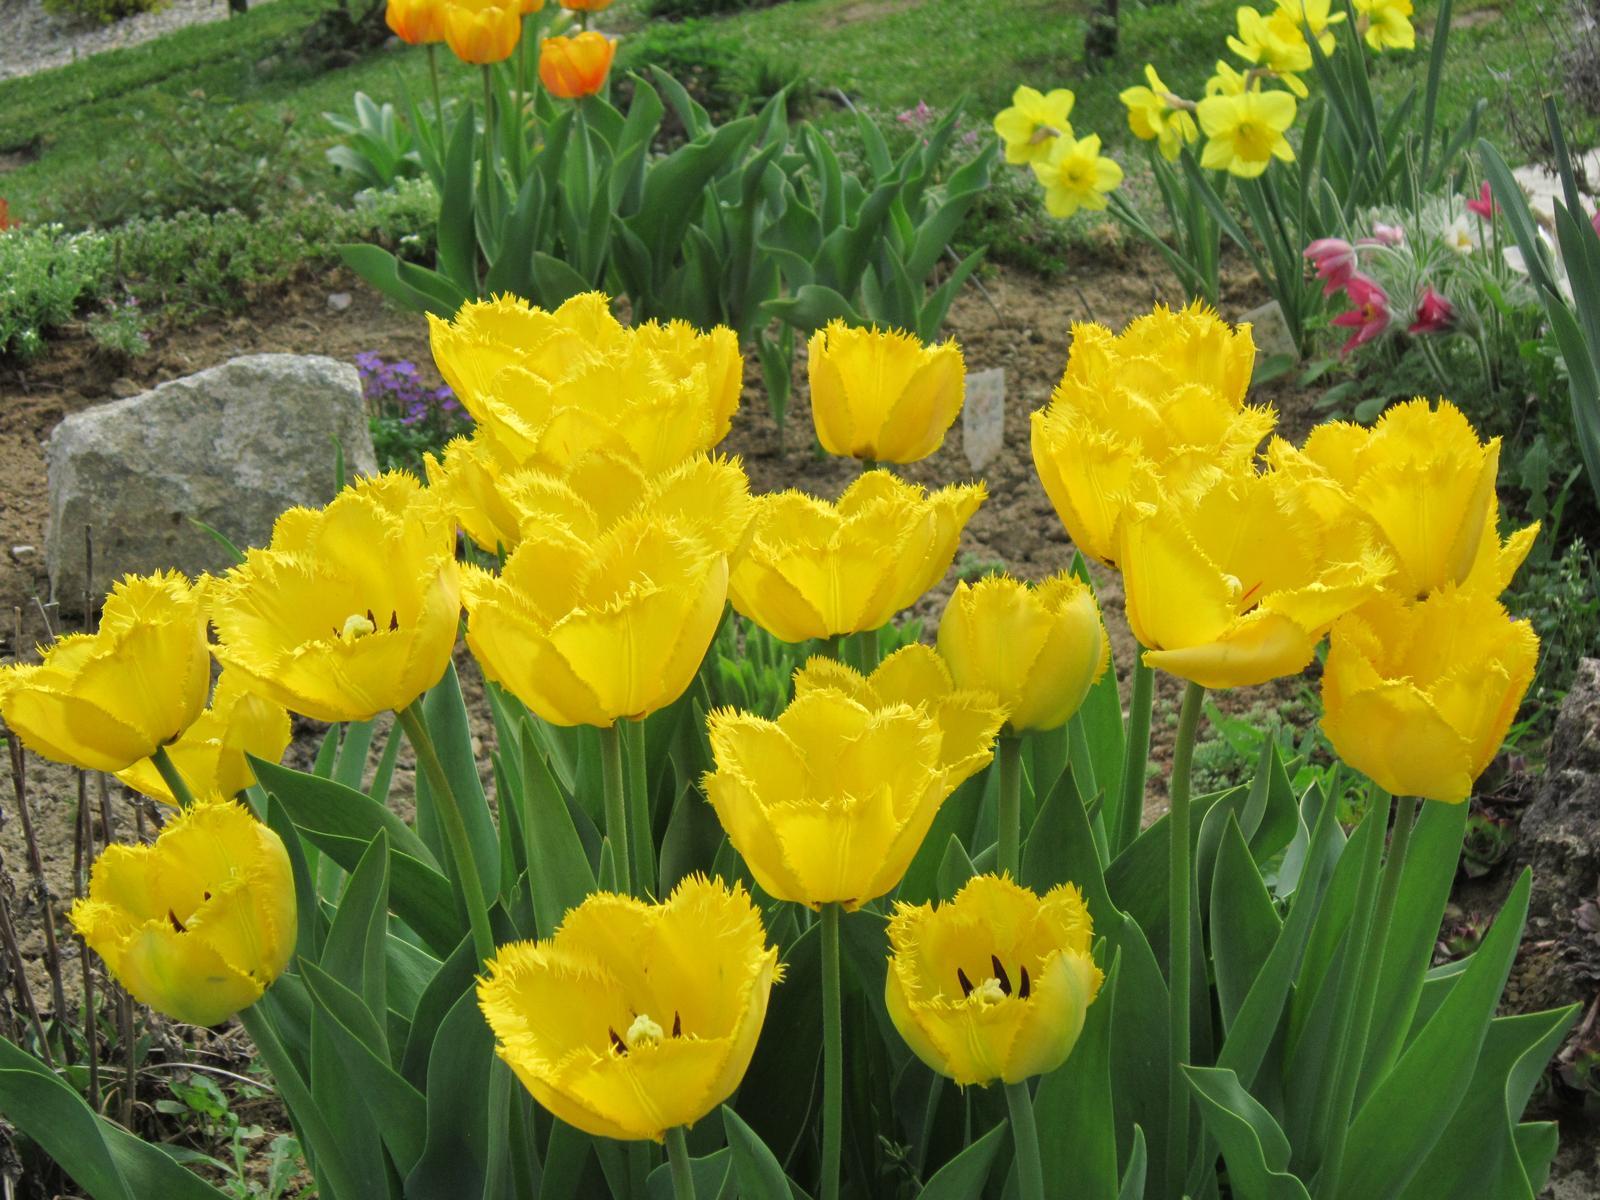 Pozvanie do našej jarnej záhrady - Žlté strapaté tulipány rozžiaria každú záhradu...